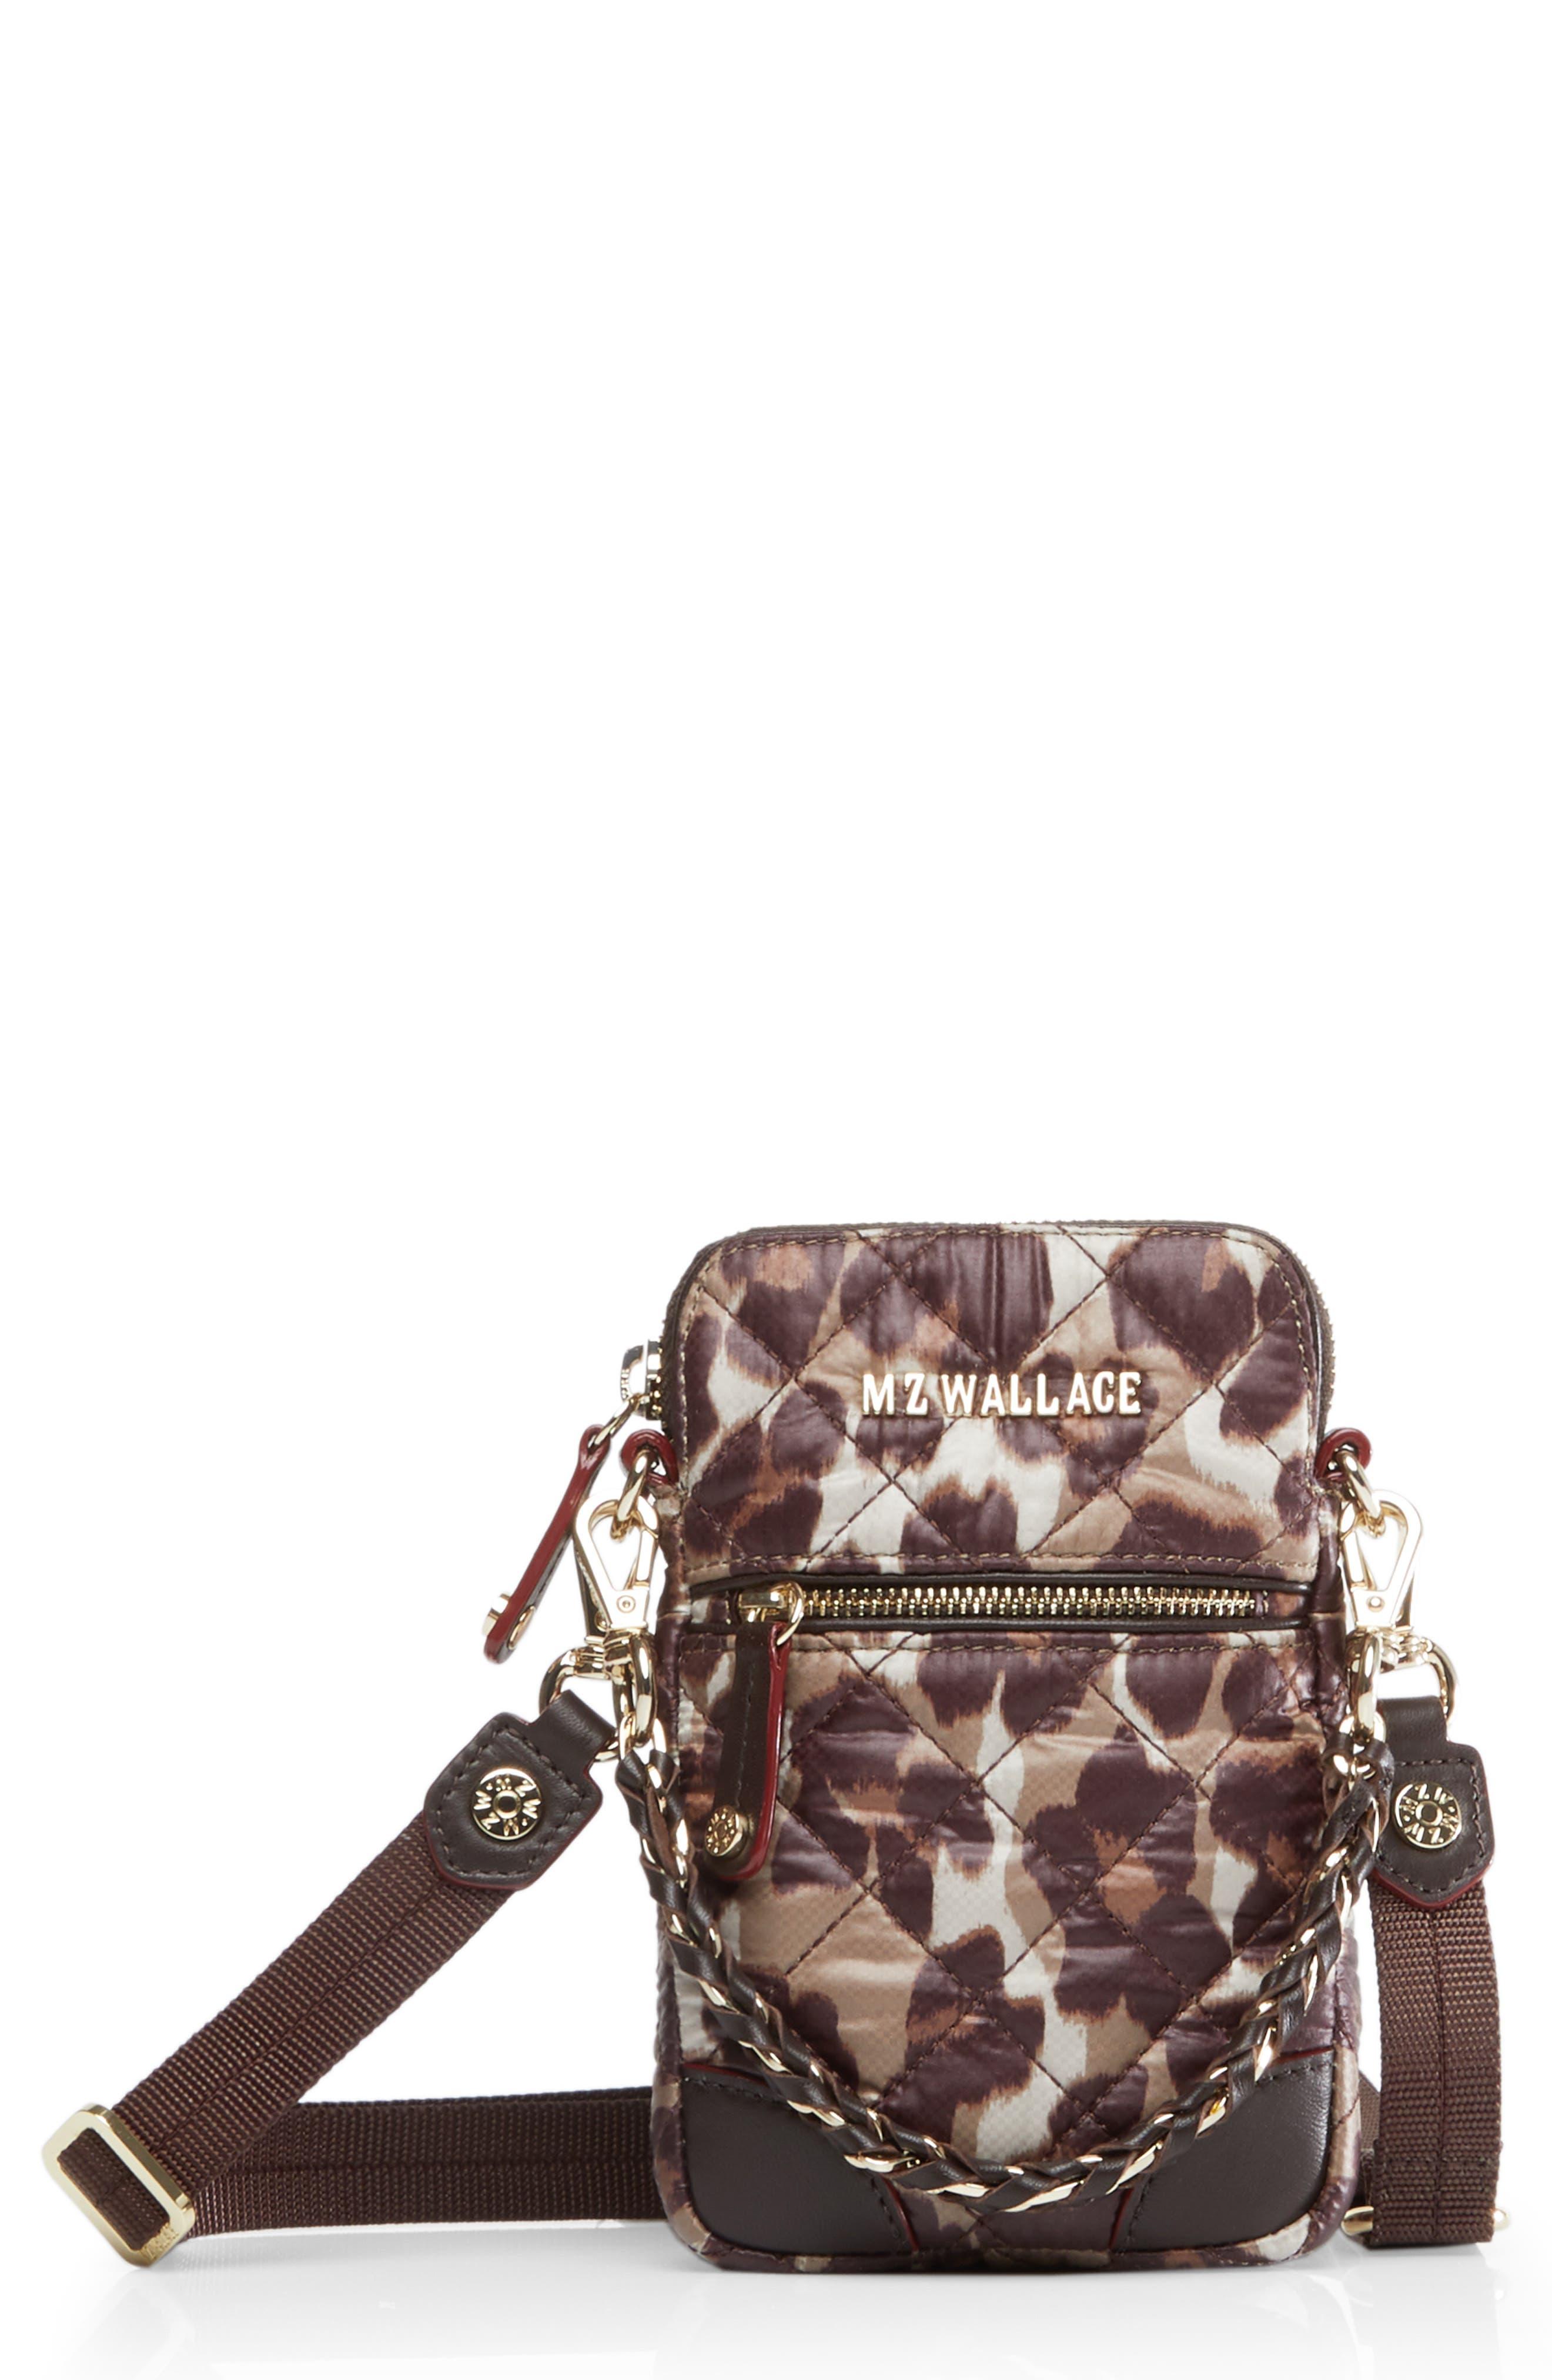 c5c17c155c mz wallace shop for women - women s mz wallace catalogue - Cools.com